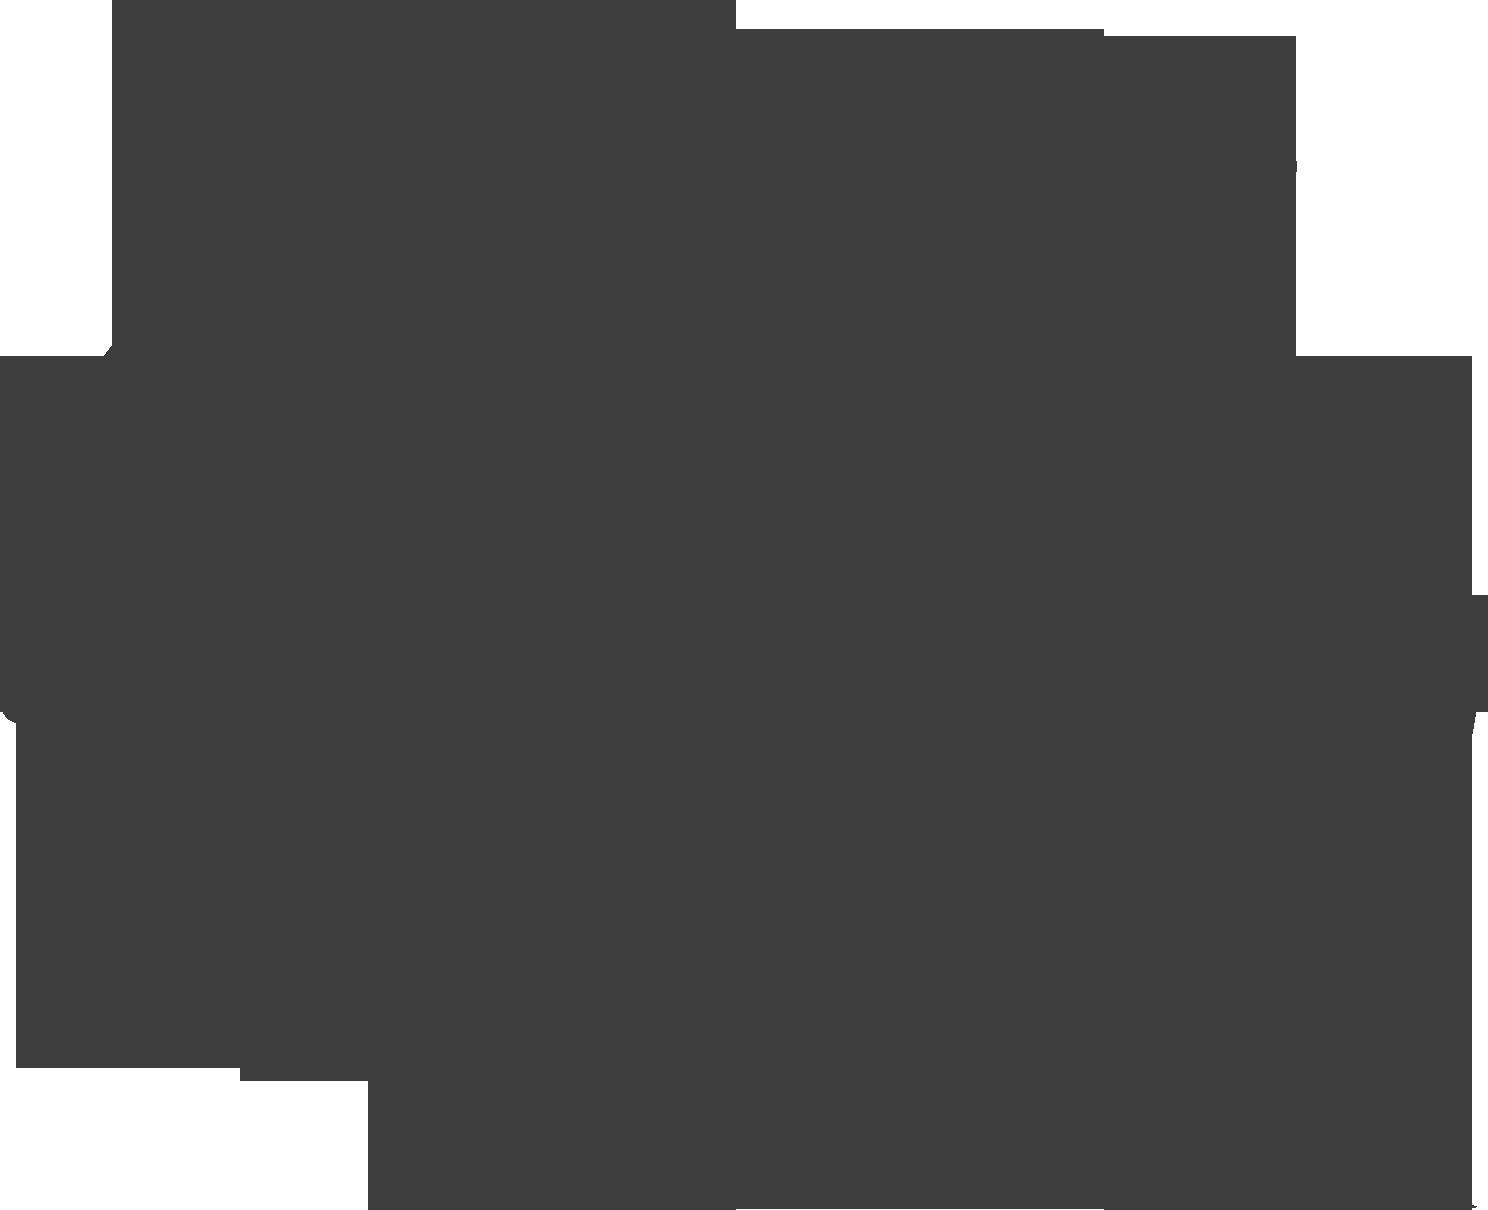 tallerdecatanegro